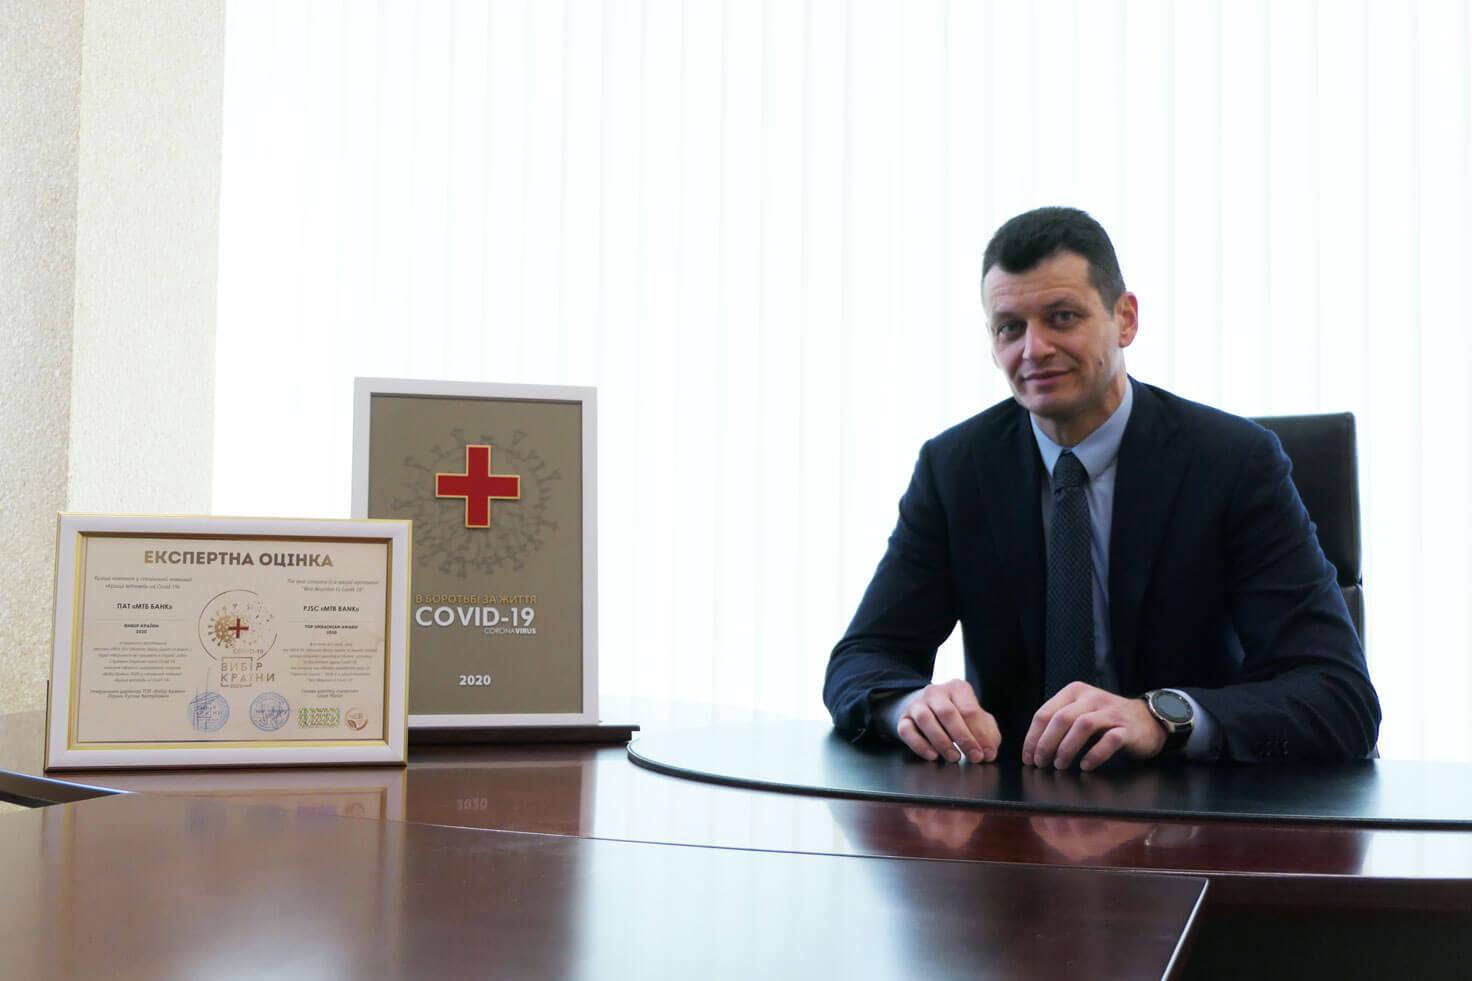 «Краща відповідь на COVID-19»: МТБ БАНК відзначено премією «Вибір Країни» - фото - mtb.ua